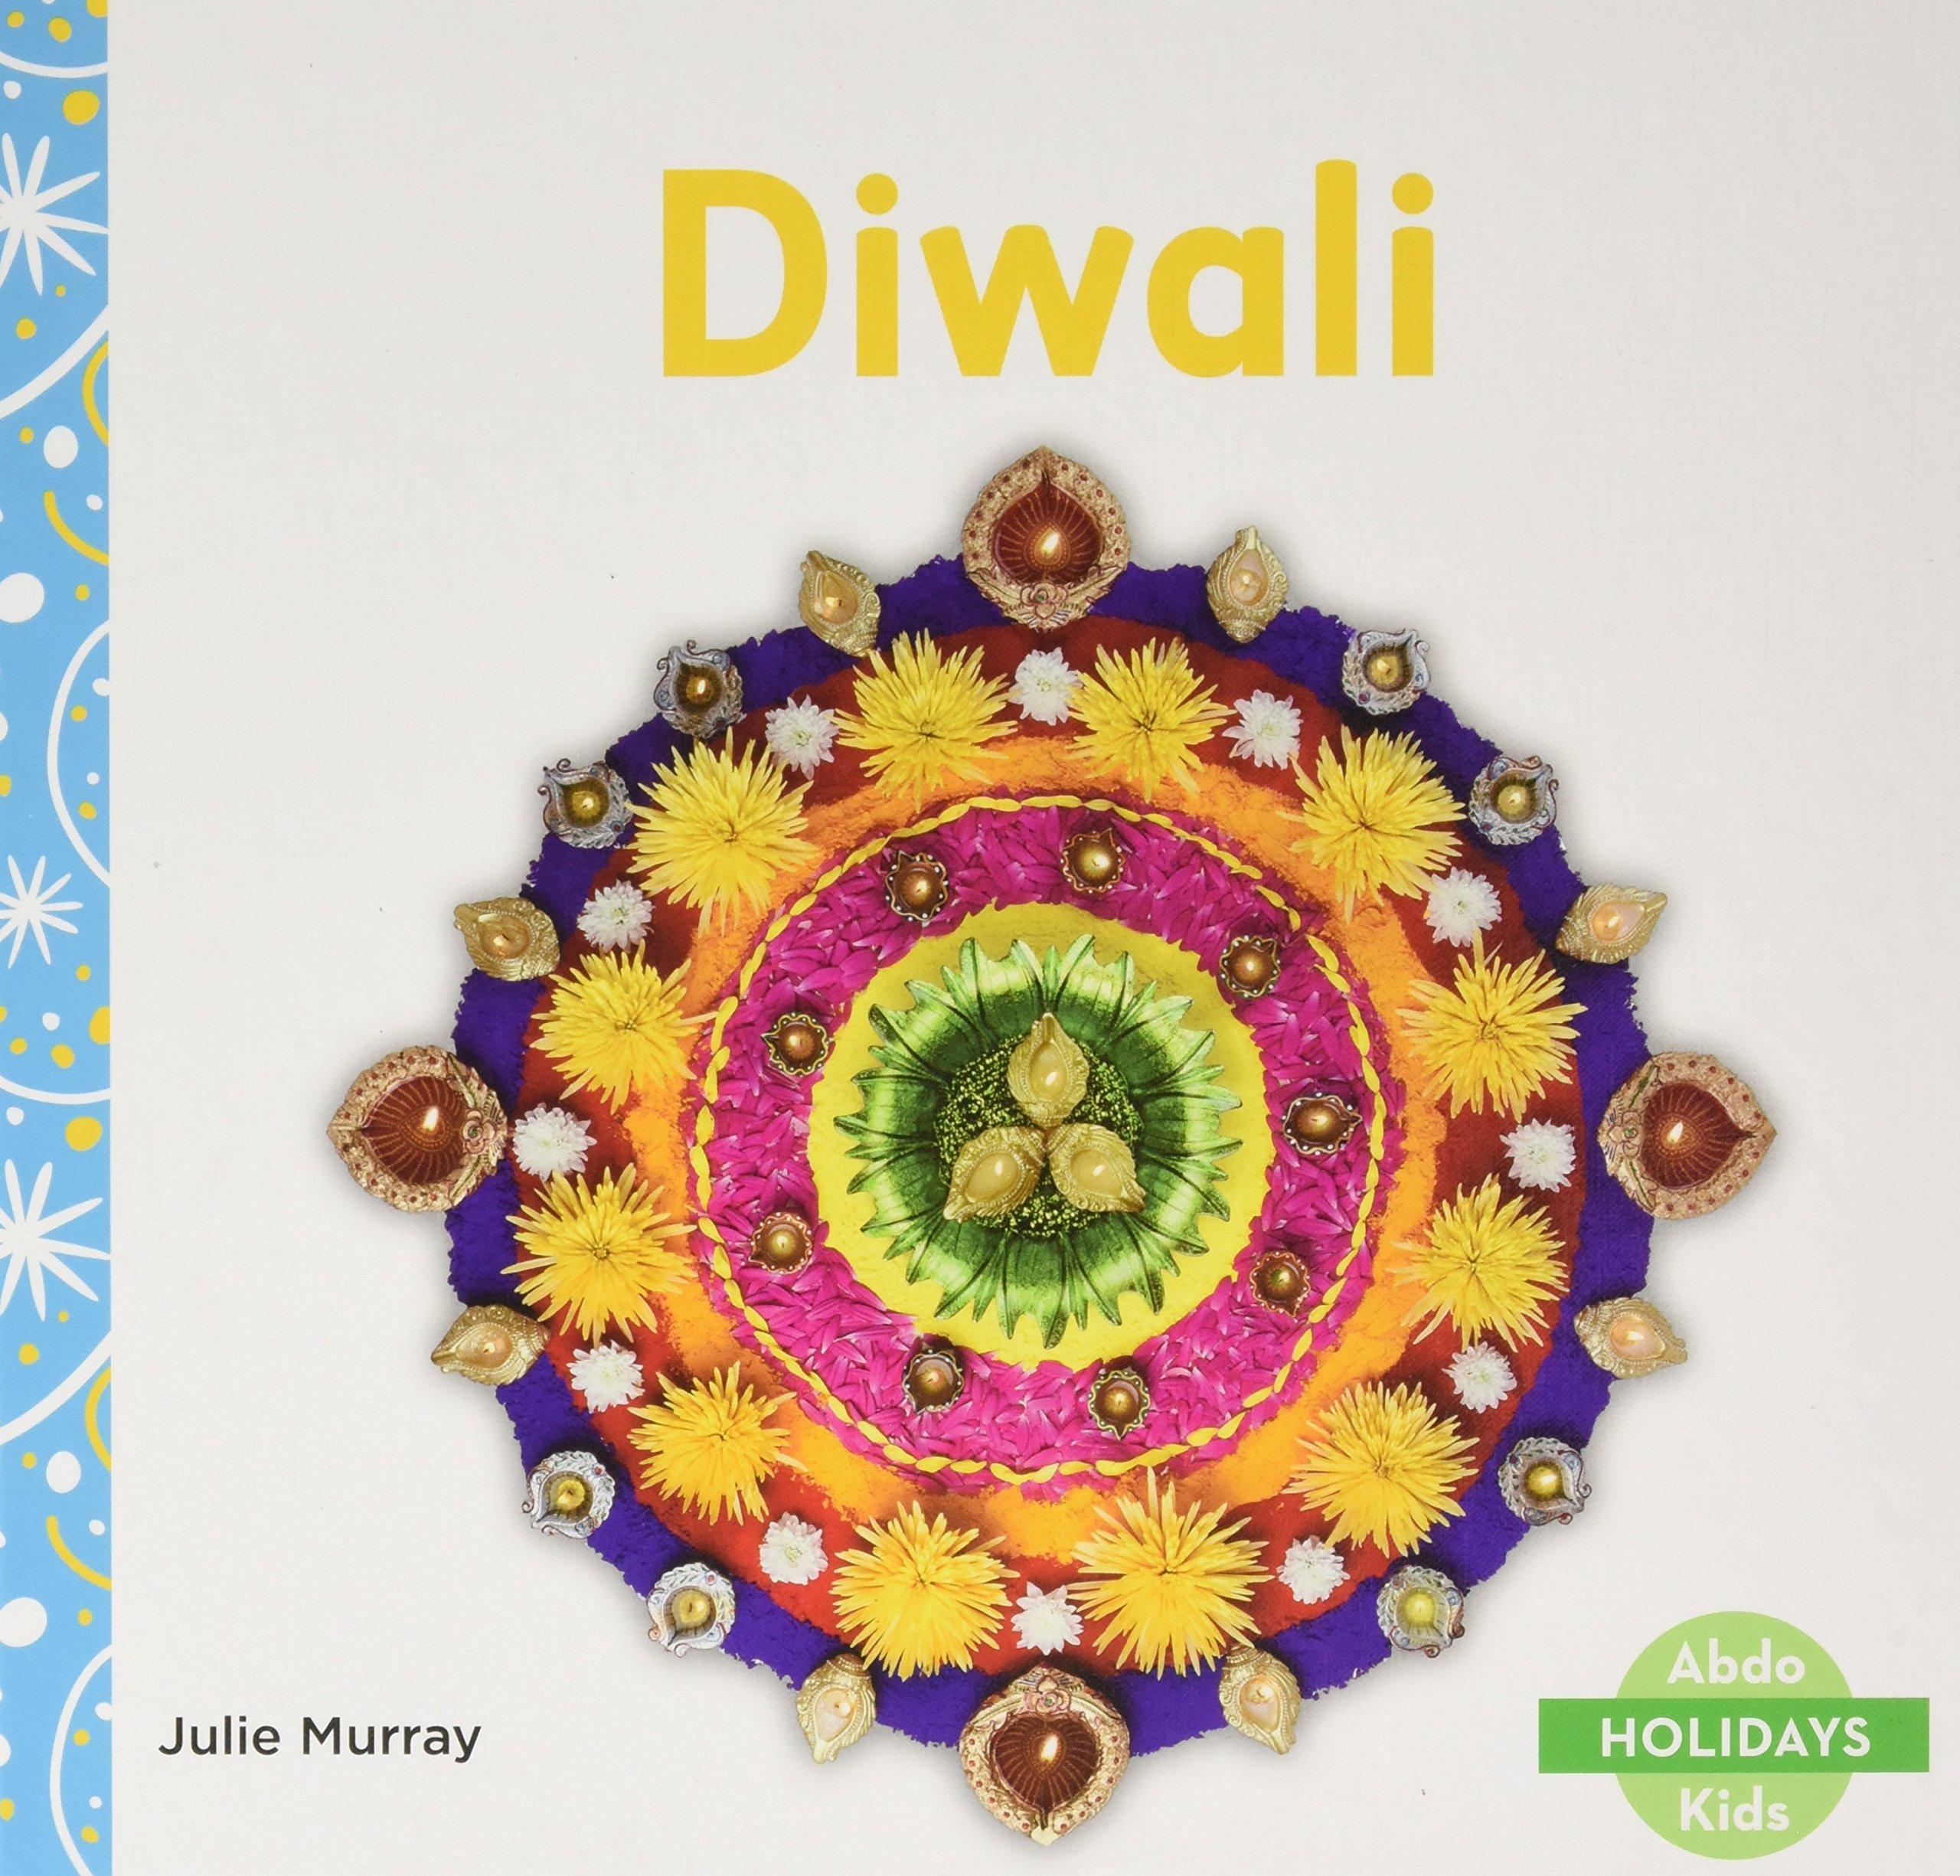 Diwali (Holidays)